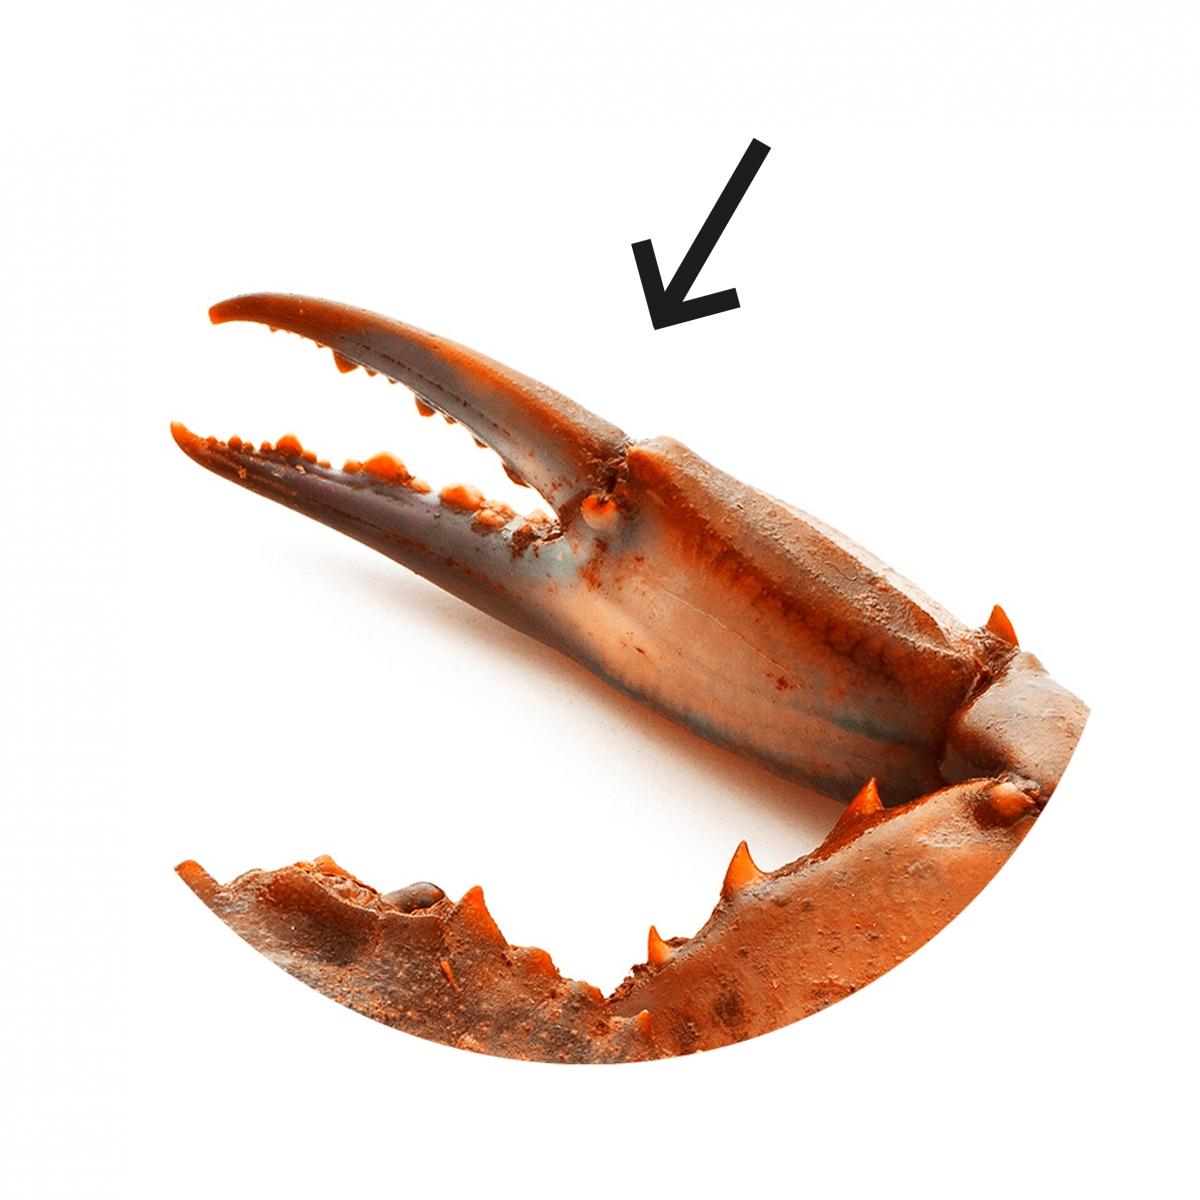 Imagen en la que se ve una pinza de animal